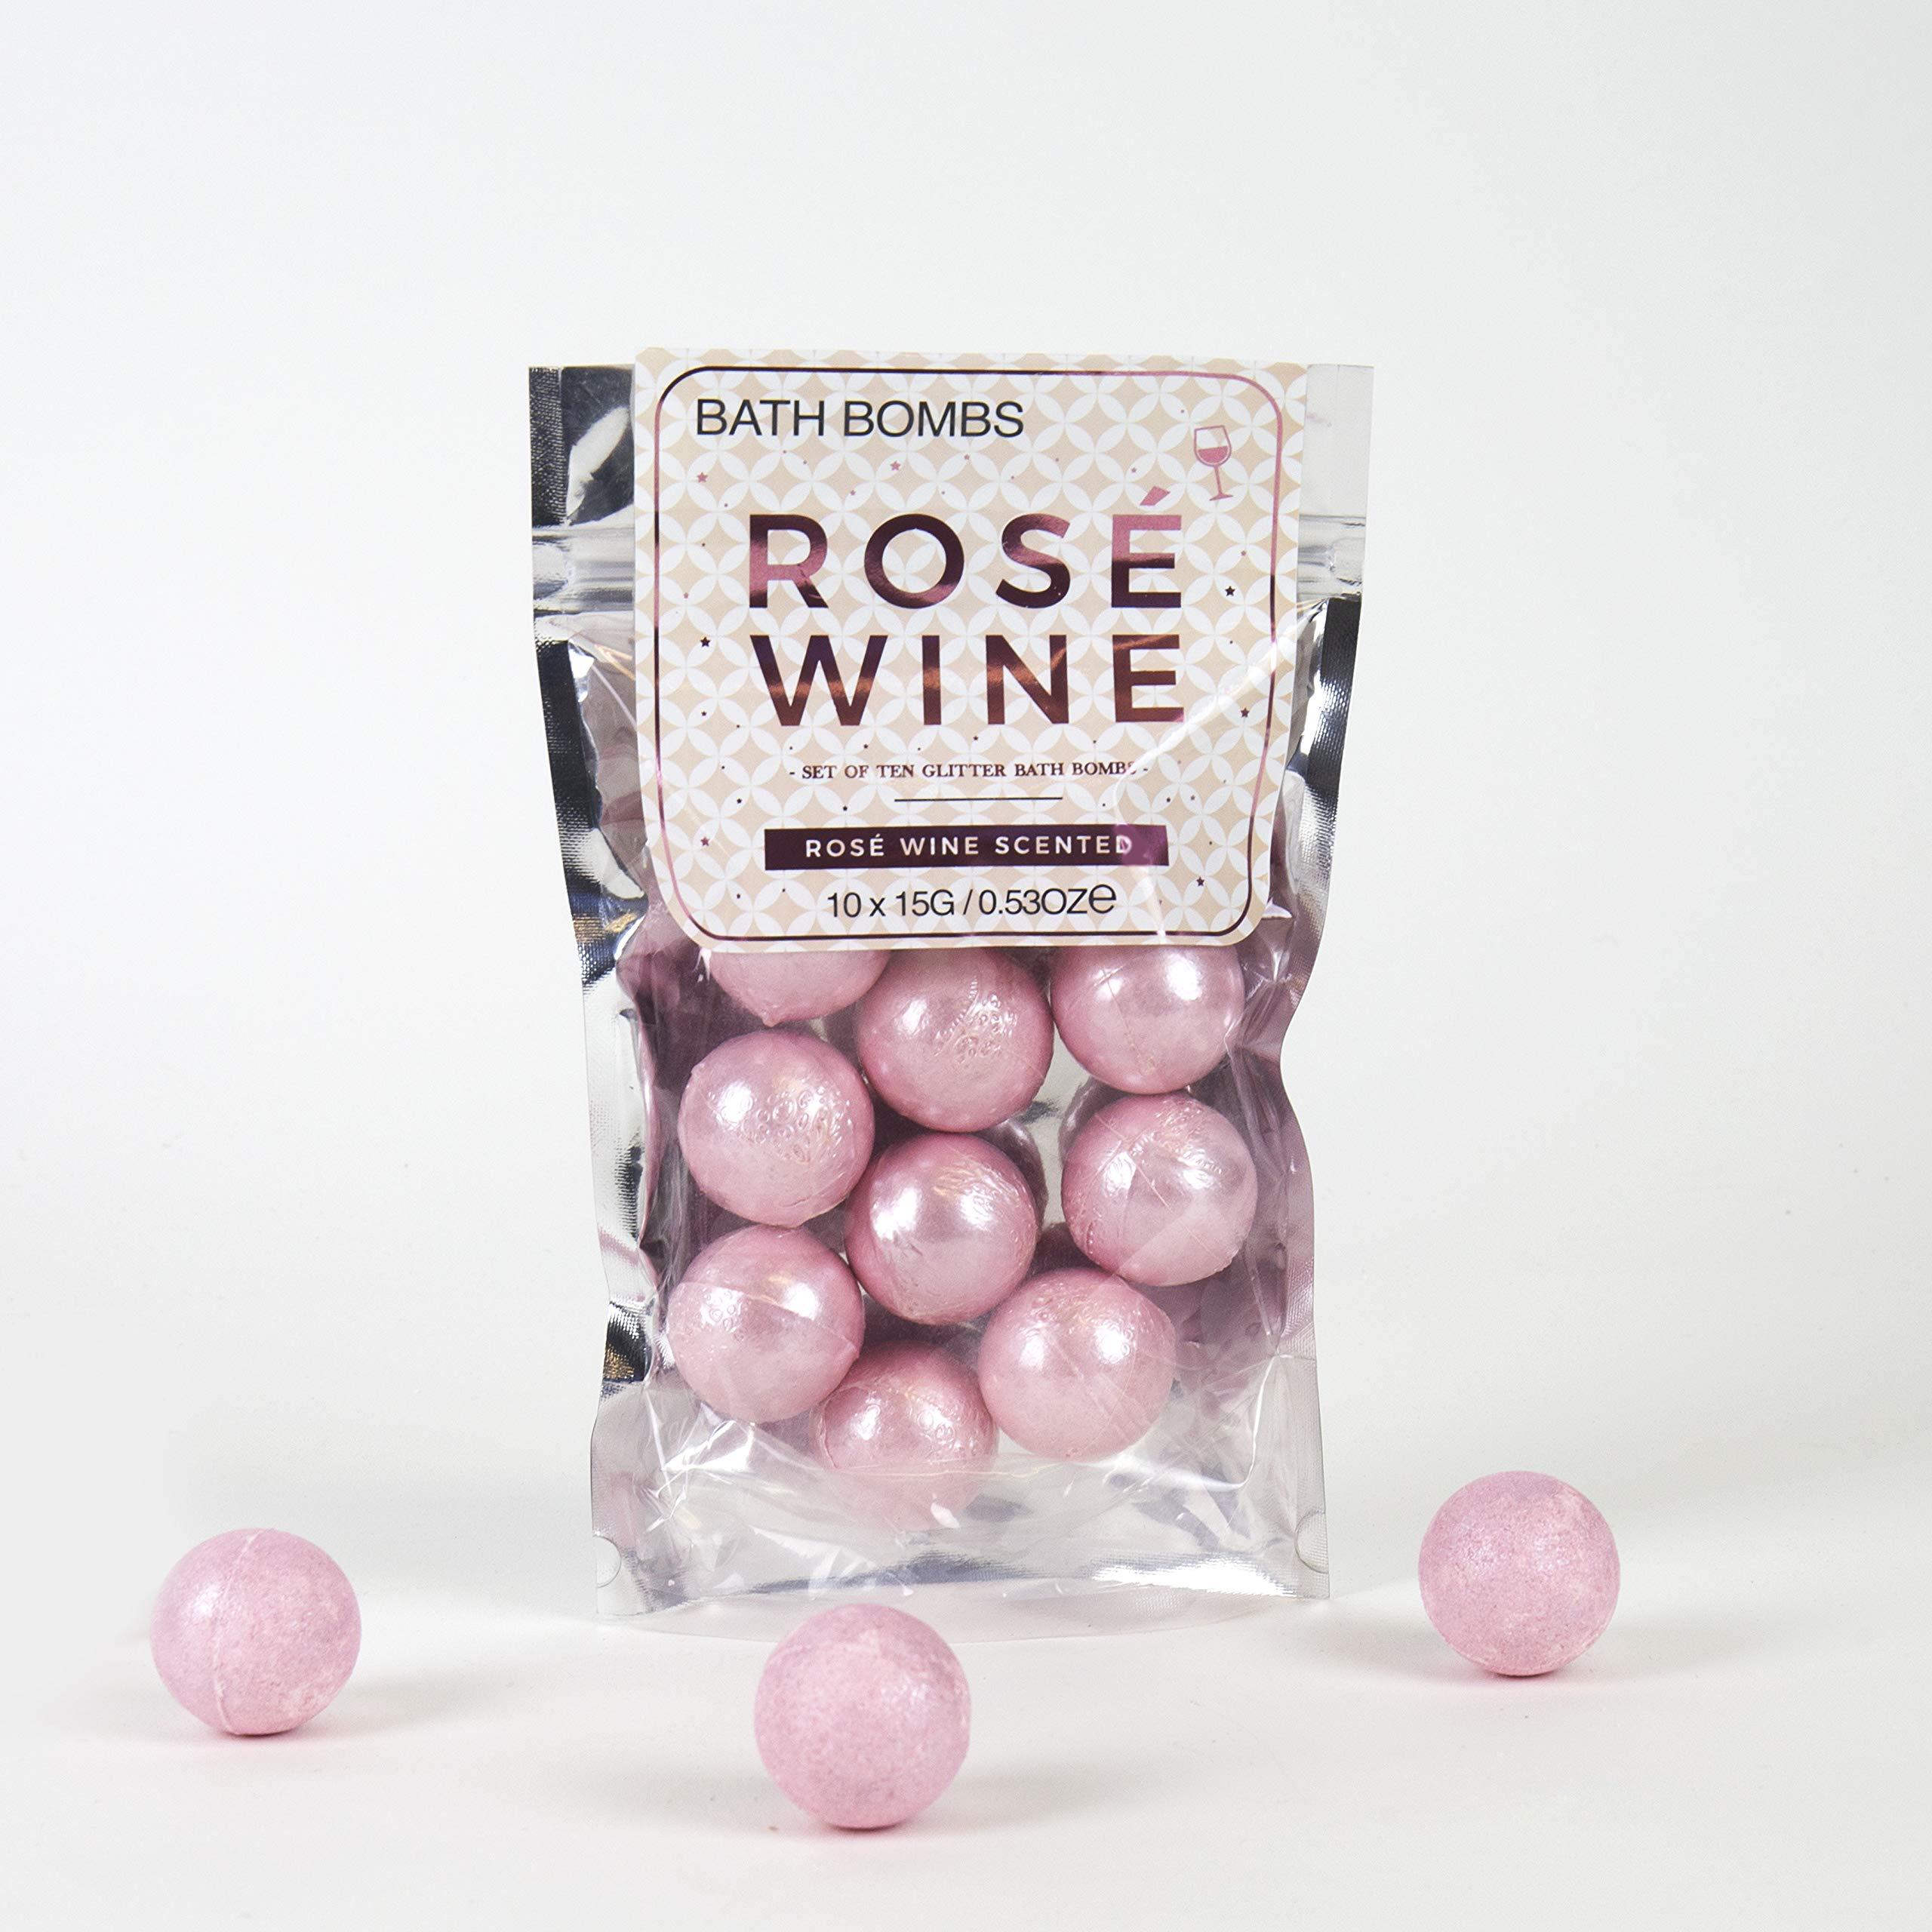 Bombas de baño relajantes de vino rosado de Gift Republic